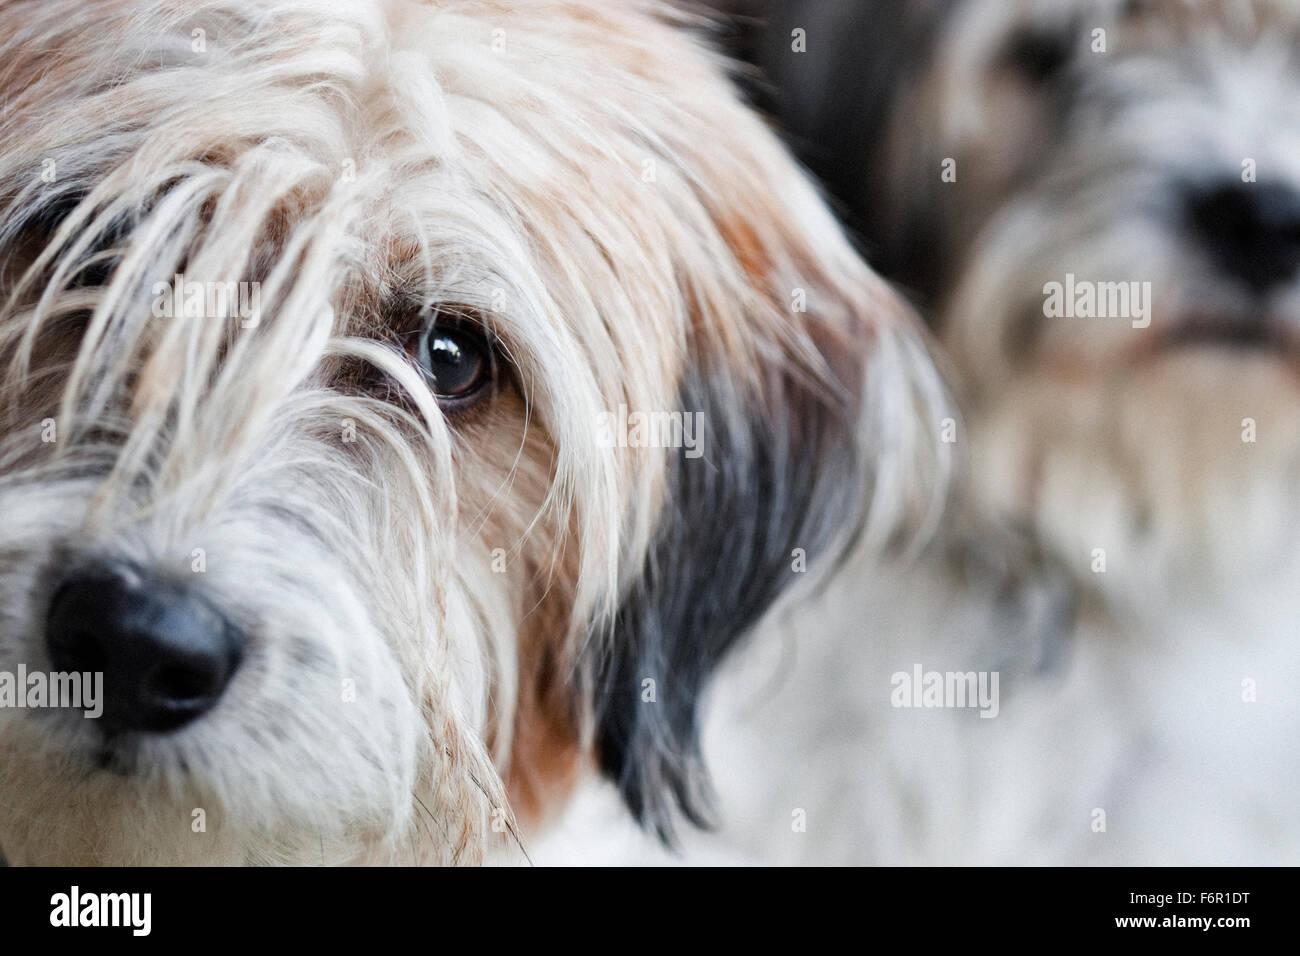 Dos shaggy luz coloró terrier mix perros, uno mirando soulful en primer plano un estoico en segundo plano. Imagen De Stock